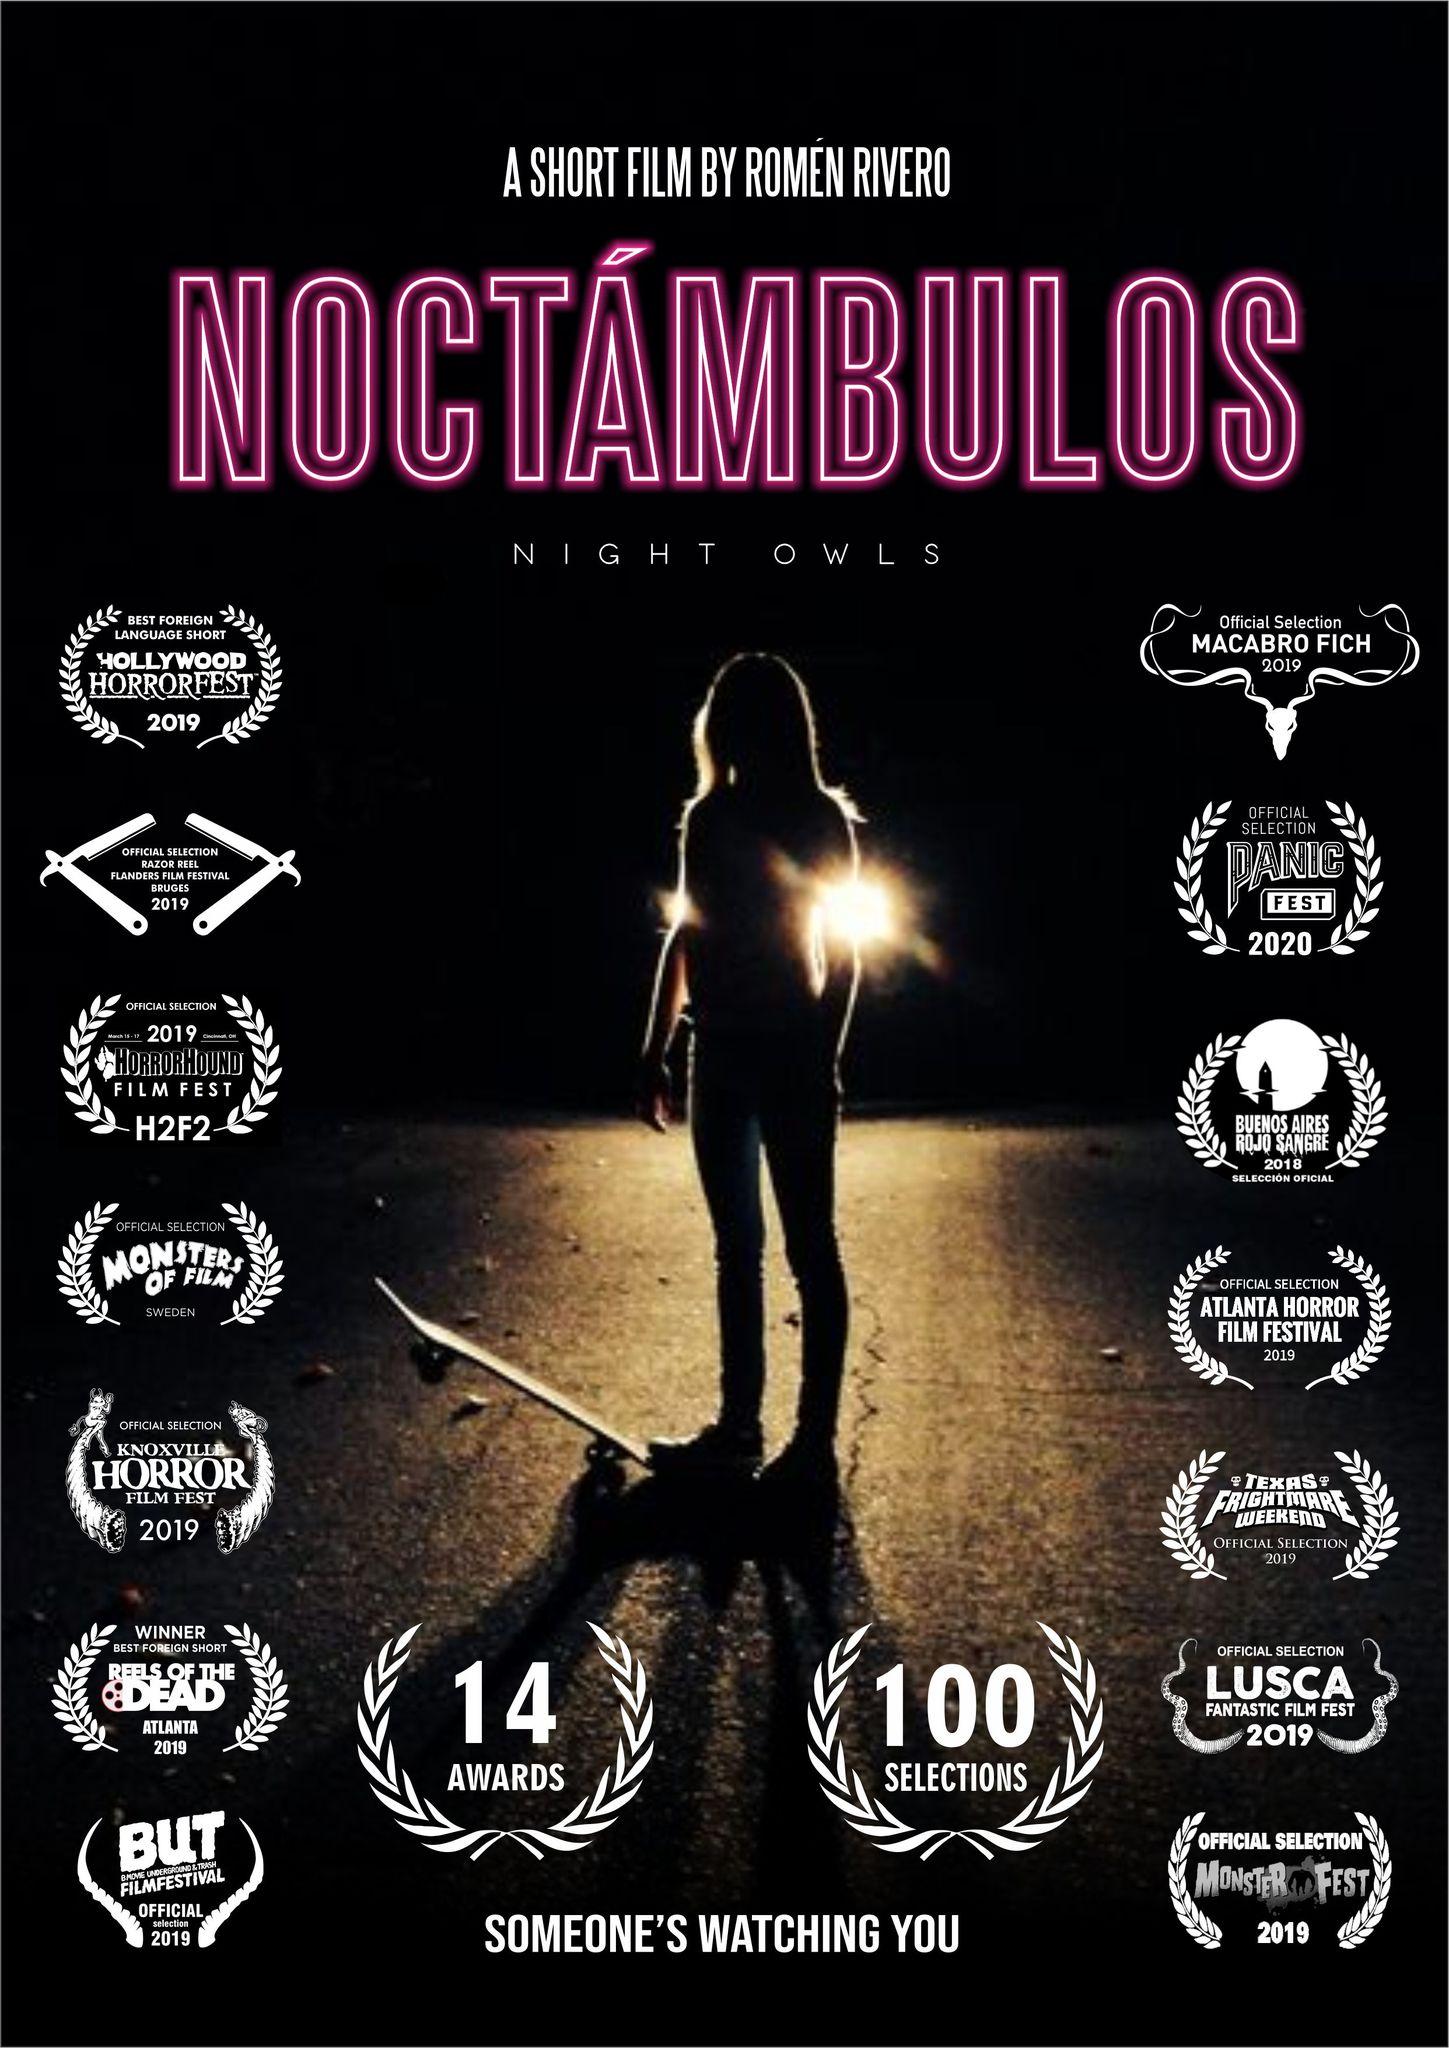 Noctámbulos (Night Owls)